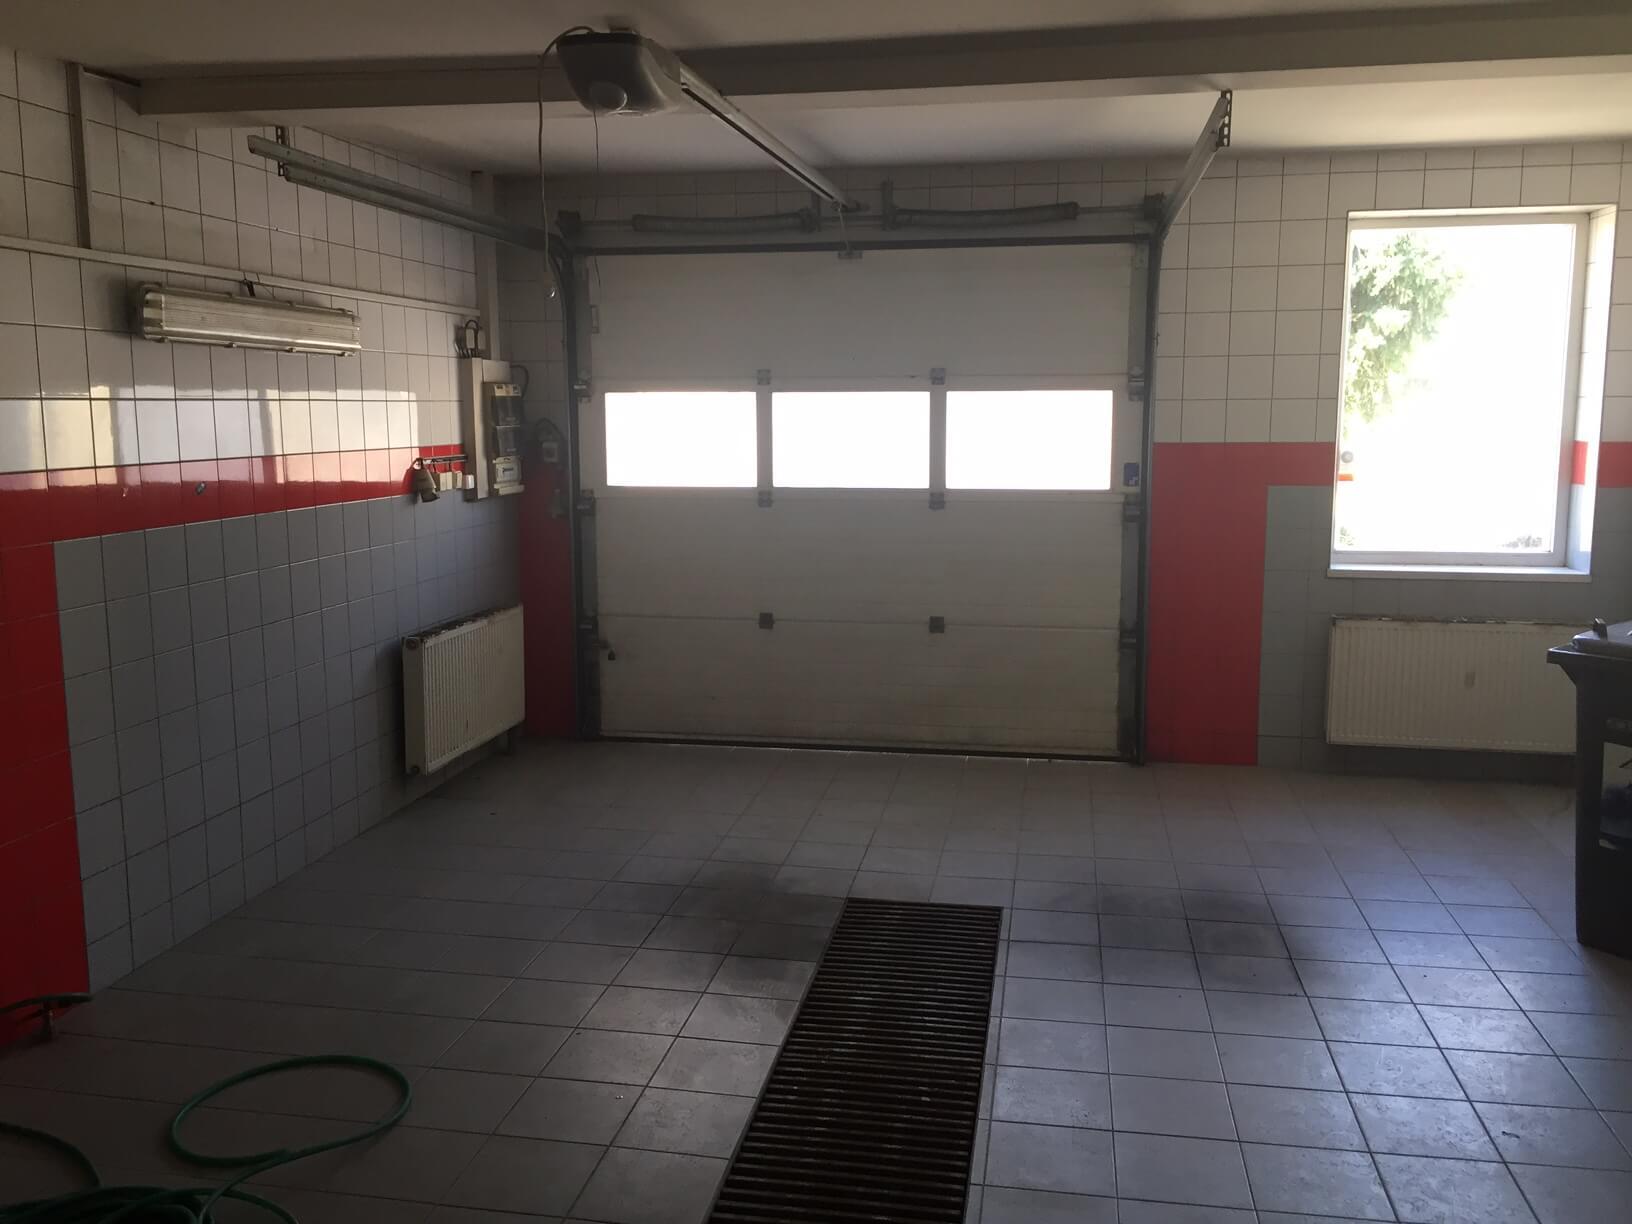 Predané: Predaj obchodného priestoru, najlepšie pre Autoservis, Pezinok, Ulica Mýtna/Šenkvická cesta. 240 m2-25